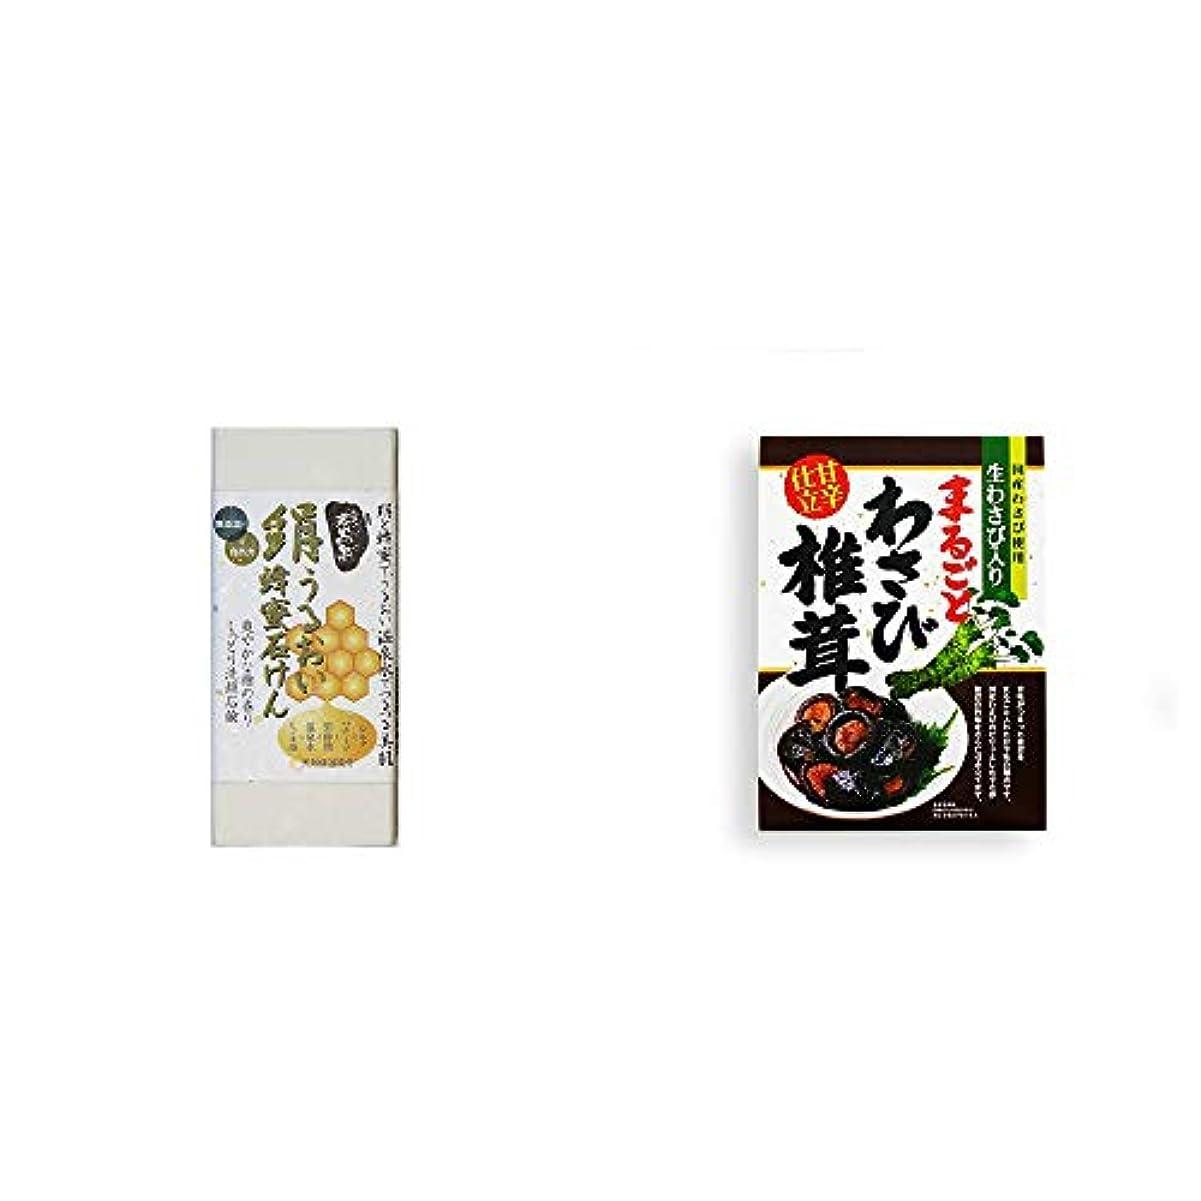 社説血色の良い基準[2点セット] ひのき炭黒泉 絹うるおい蜂蜜石けん(75g×2)?まるごとわさび椎茸(200g)